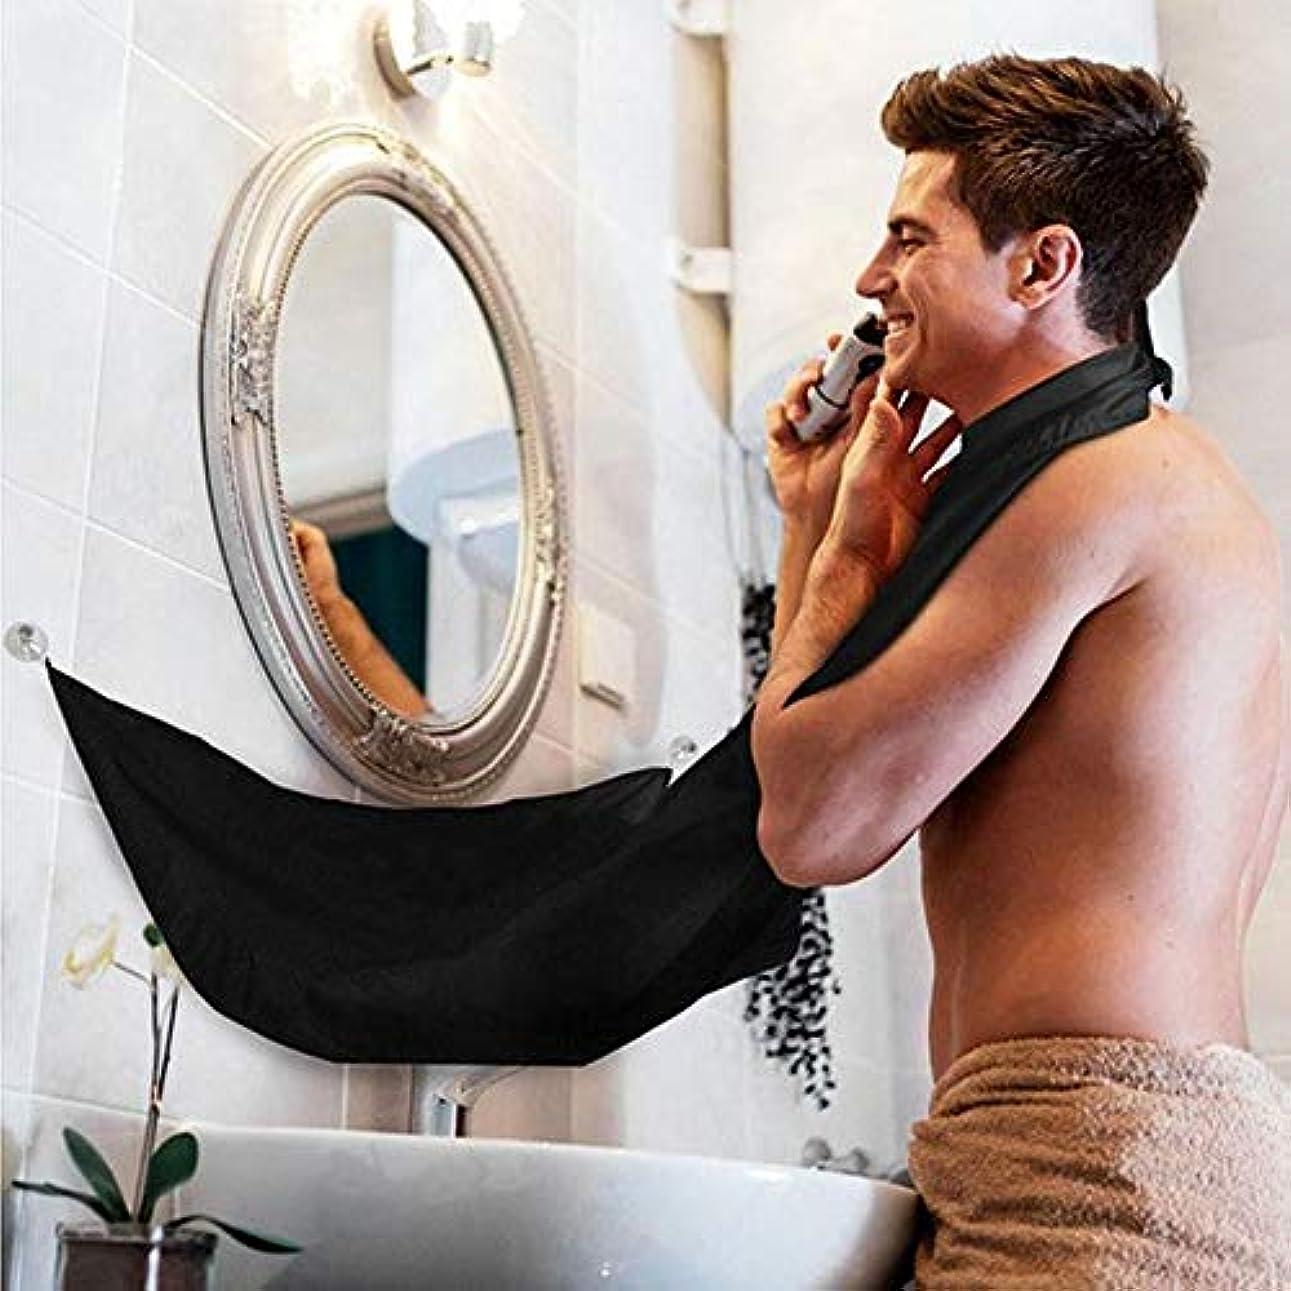 喜劇単調な教授Klaxiaz - 高品質カミソリシェービング剃刀理容ツール髪のカミソリと刃アンティークブラック折りたたみシェービングナイフハンドル銅シングル